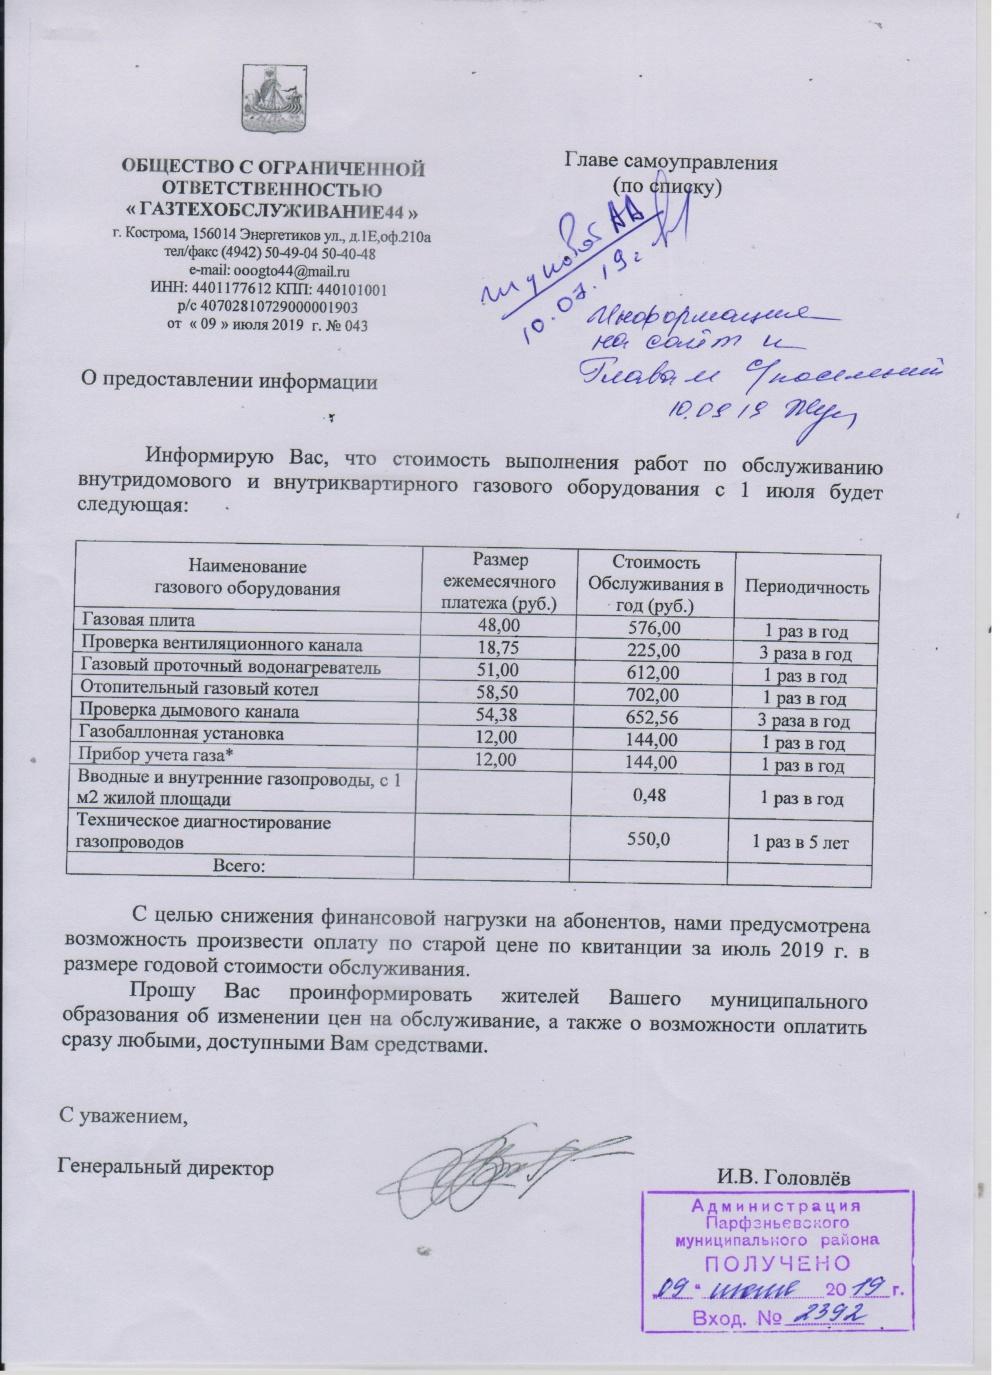 Стоимость выполнения работ по обслуживанию газового оборудования